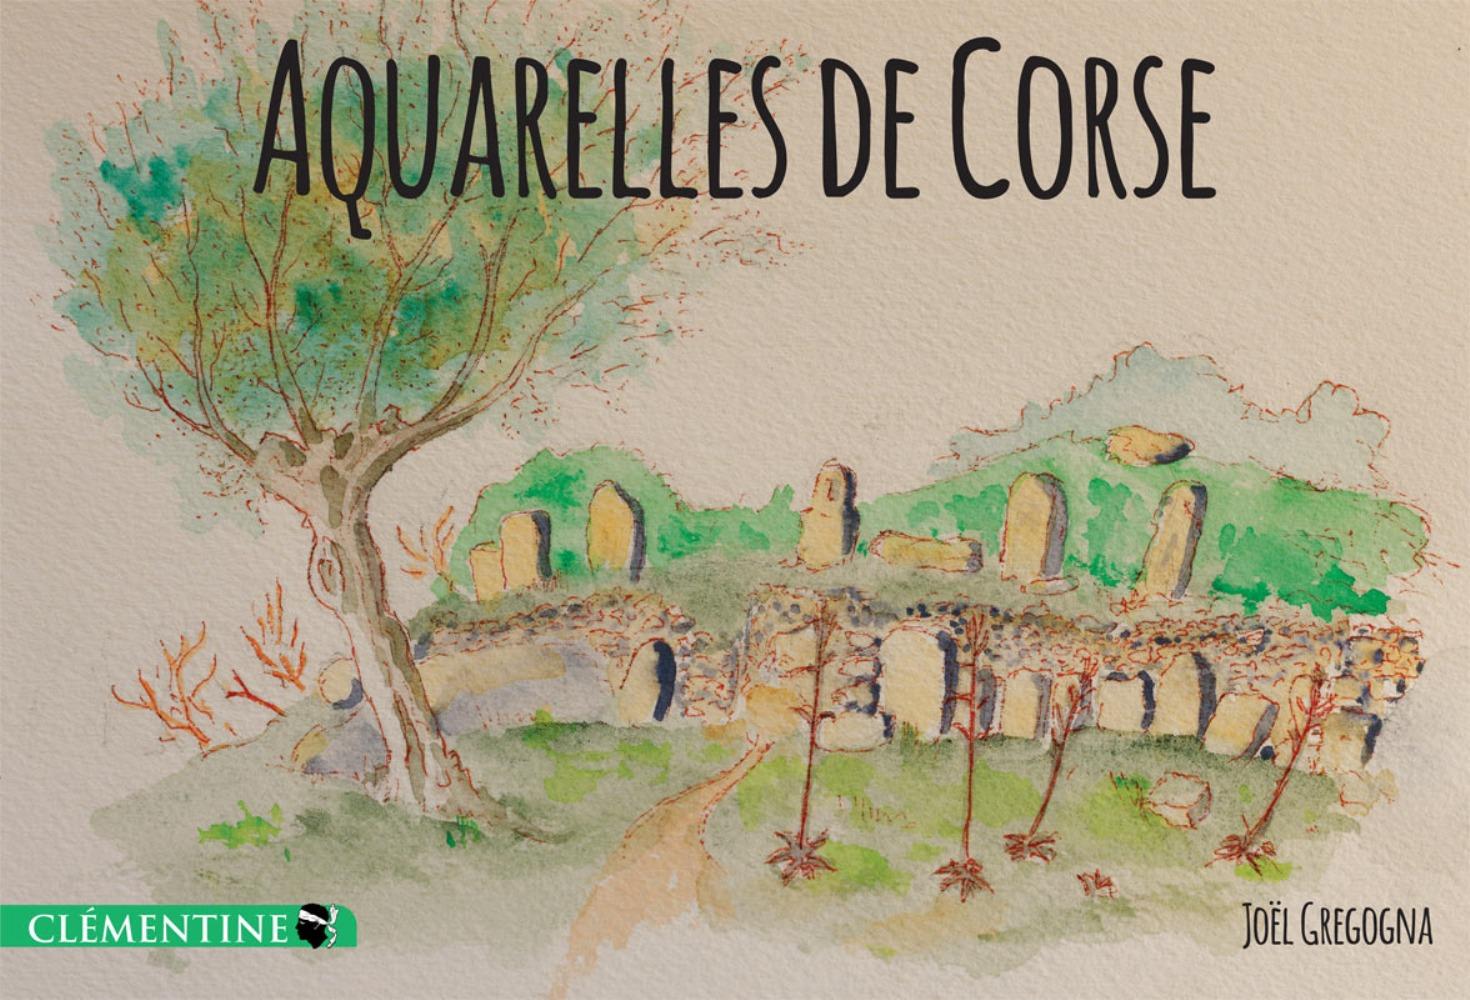 AQUARELLES DE CORSE